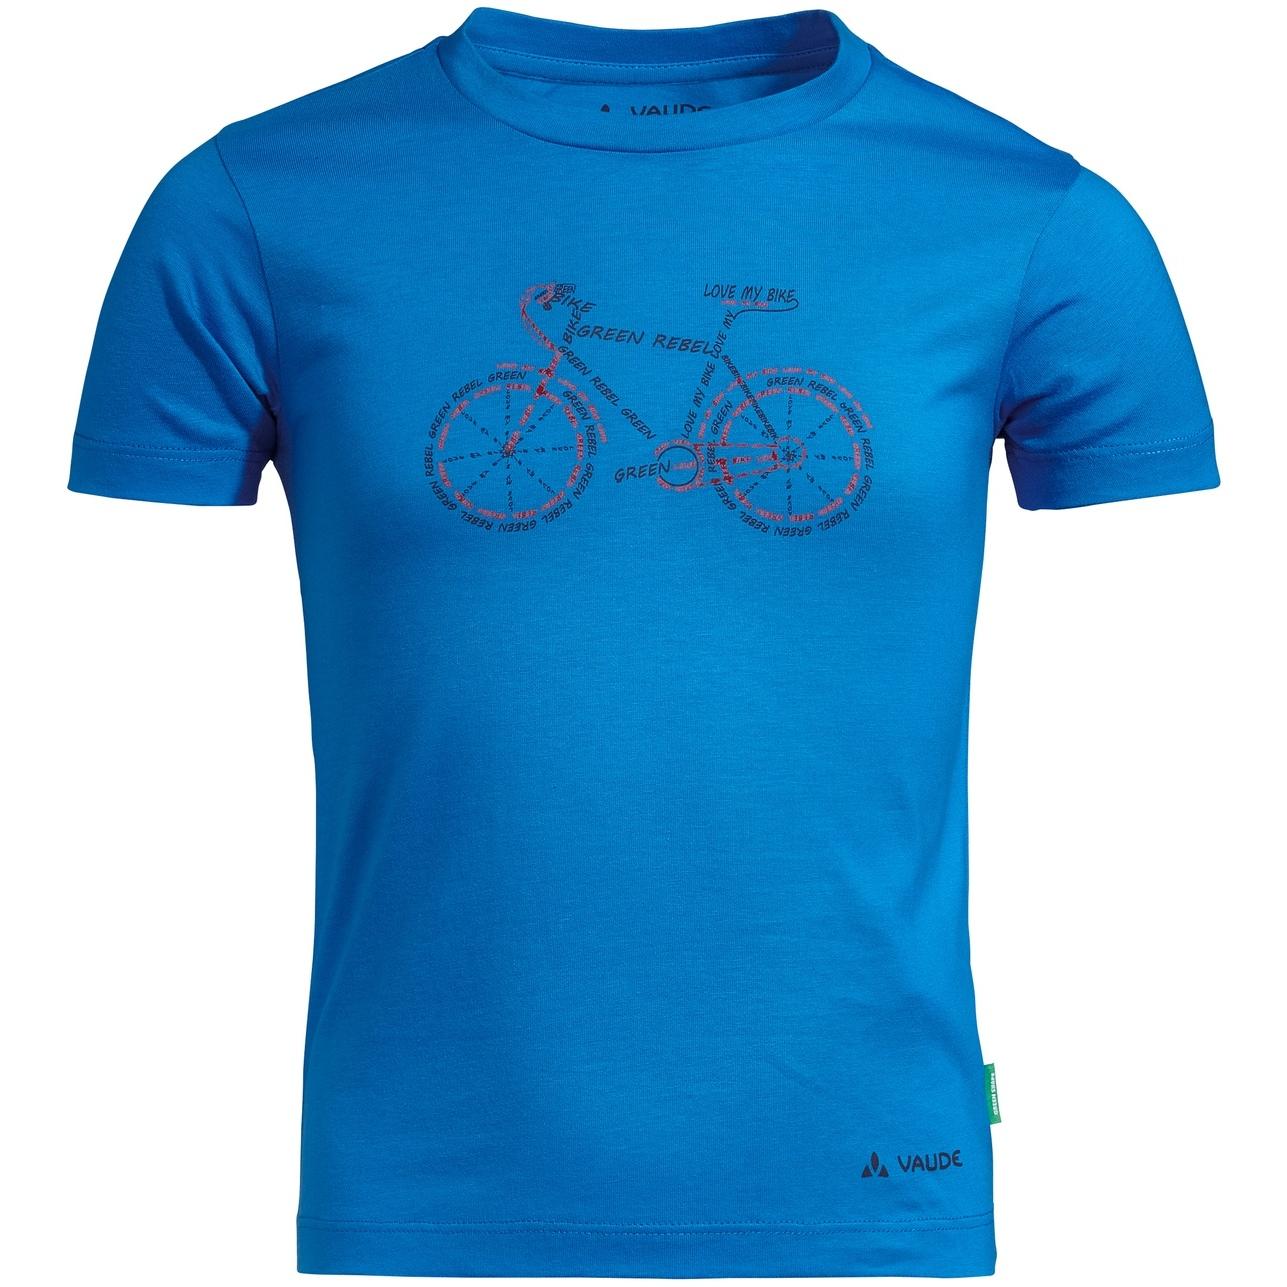 Vaude Kids Lezza T-Shirt - radiate blue/cobalt